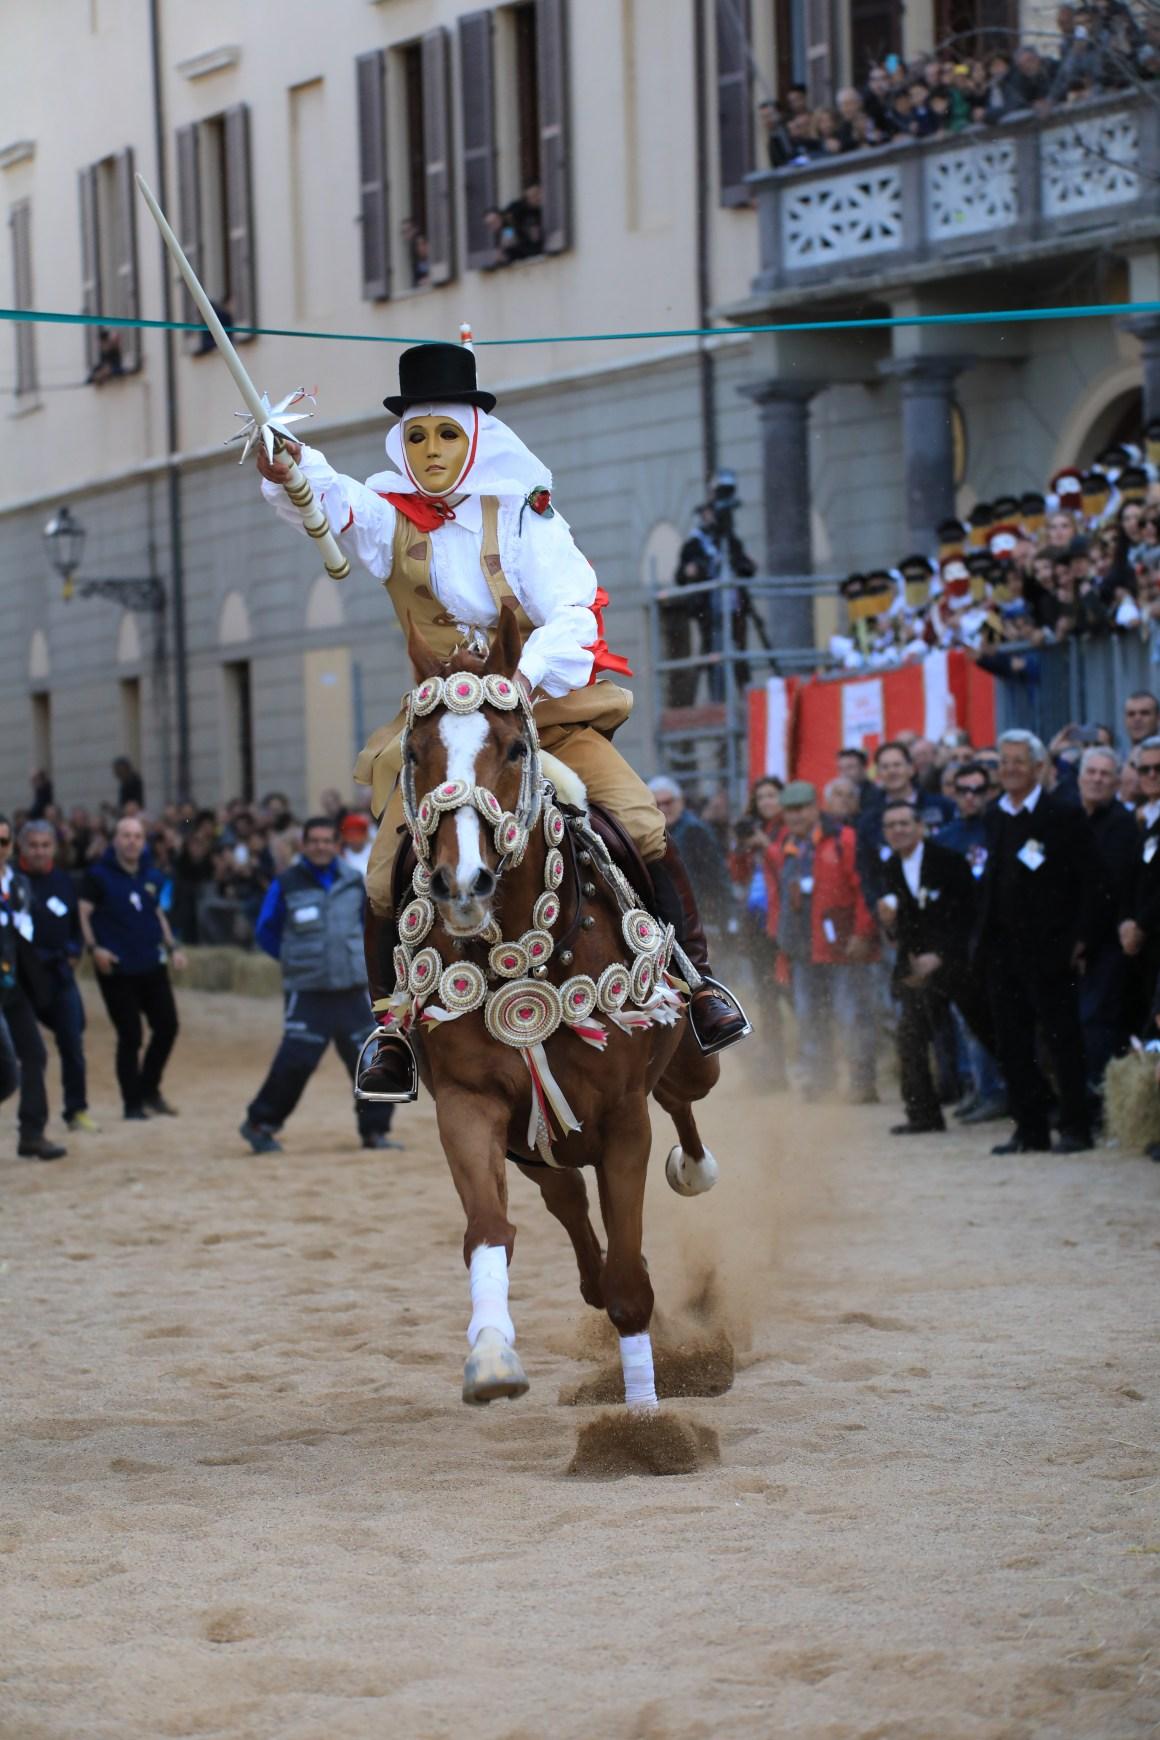 Su Componidori nella corsa della stella - Sa Sartiglia (da www.sartiglia.info)